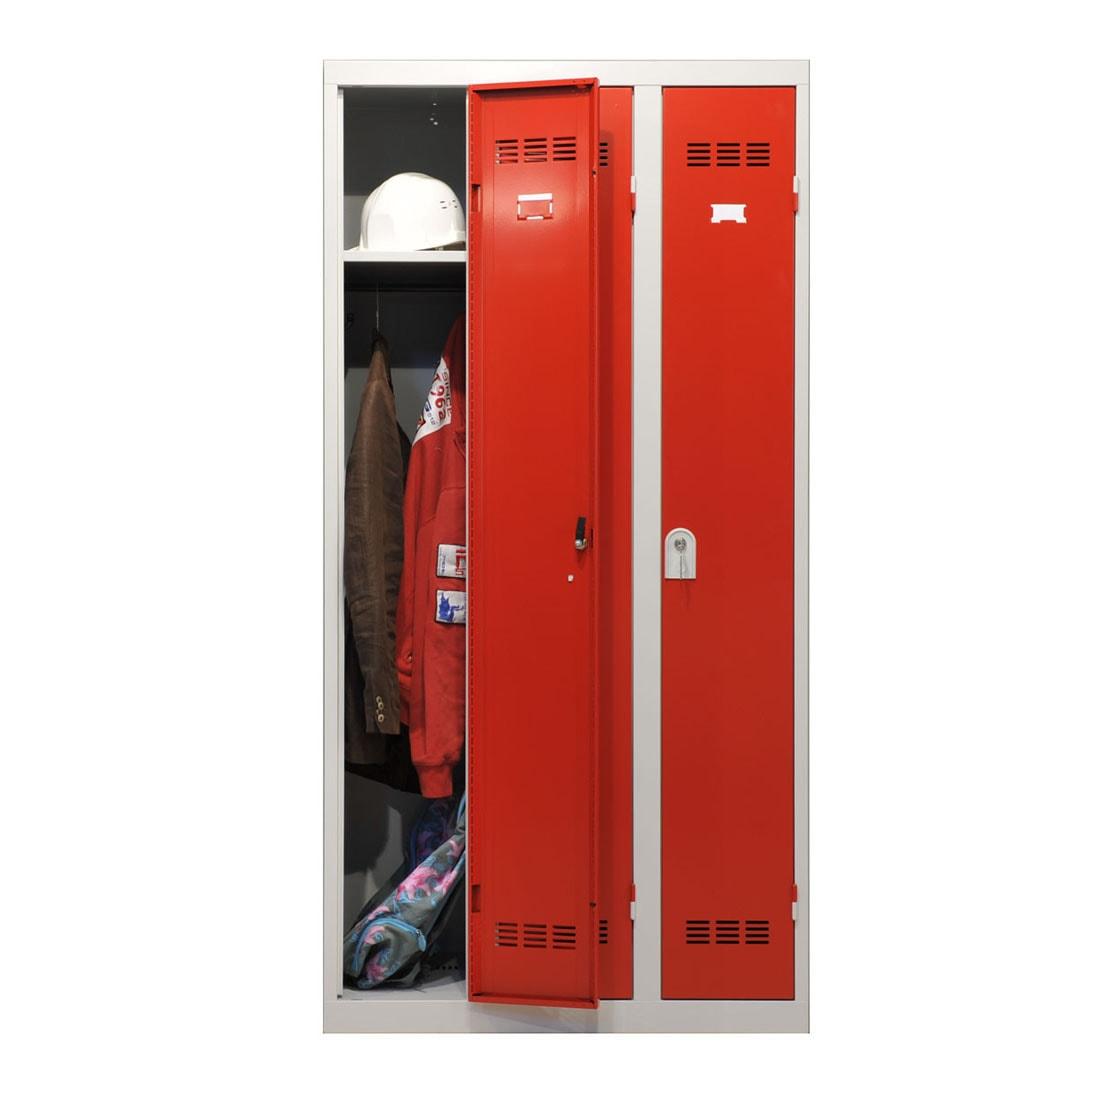 Vestiaire industrie propre 3 cases dont une ouverte coloris rouge